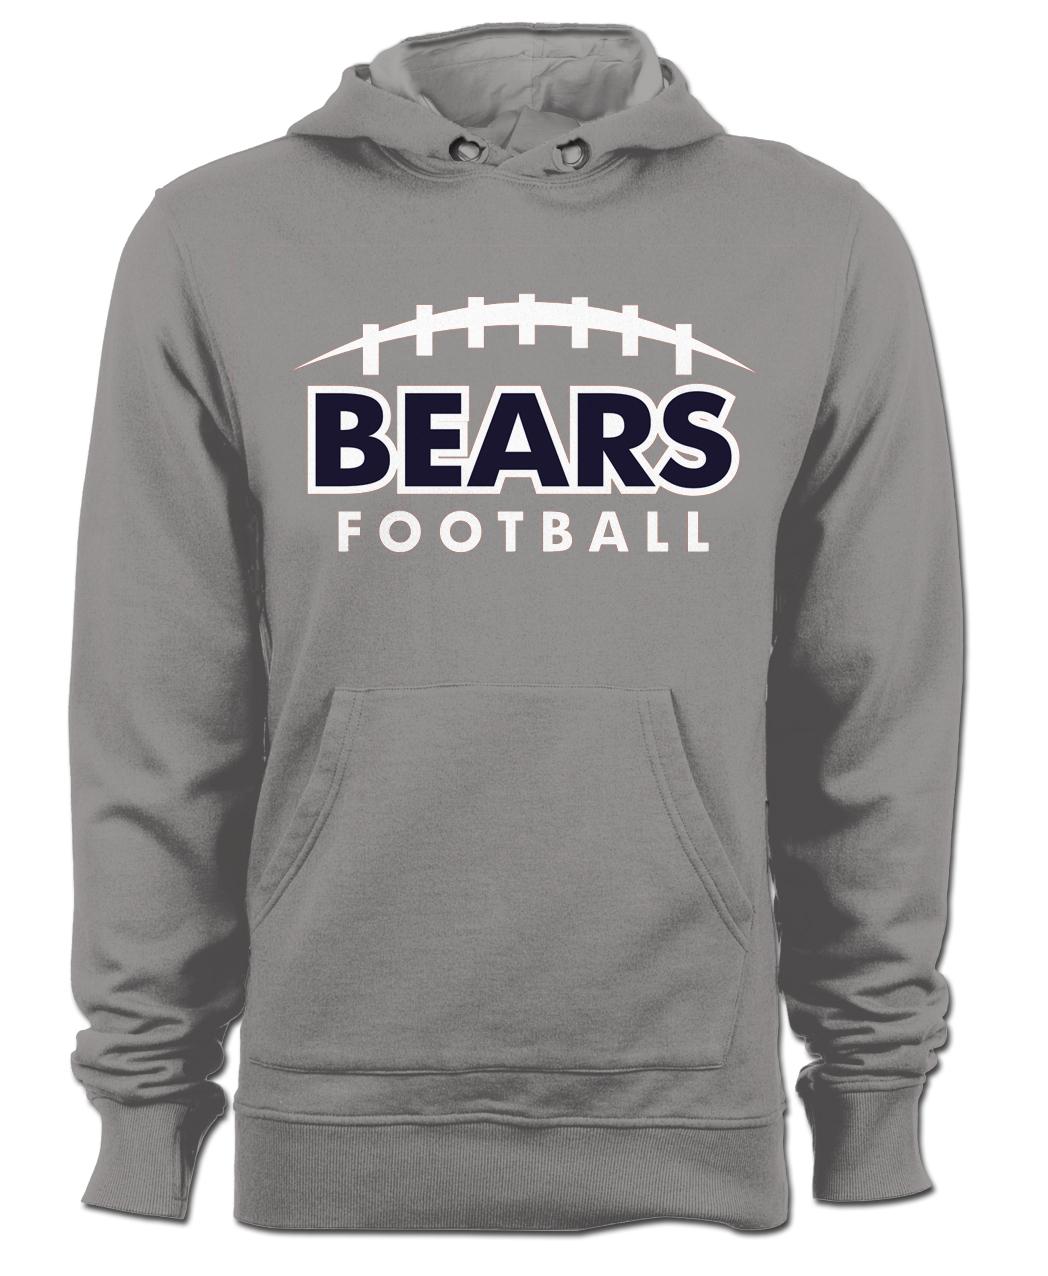 Bears Hoodie 2017 2 - Gray